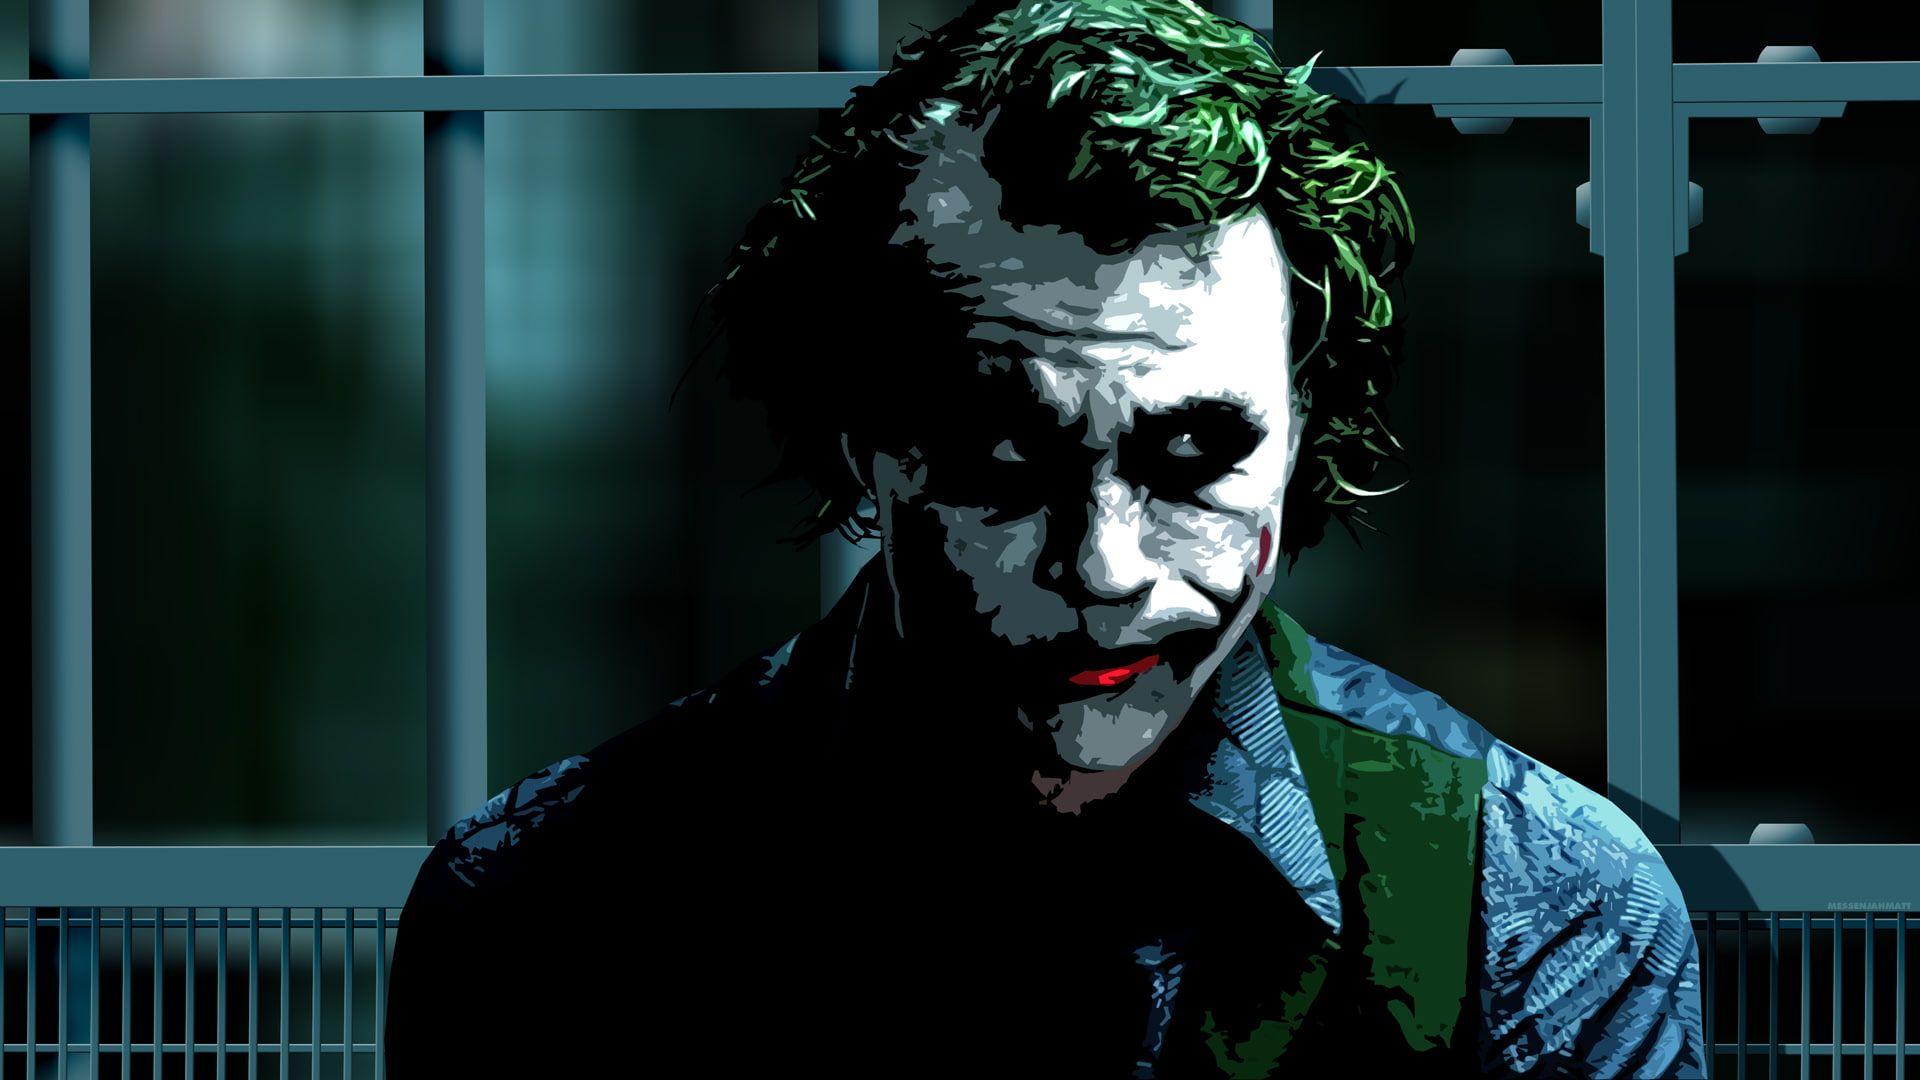 Batman The Dark Knight Joker Movies Dc Comics 1080p Wallpaper Hdwallpaper Desktop Joker Wallpapers Joker Hd Wallpaper Joker Iphone Wallpaper Dark theme 1080p joker hd mobile